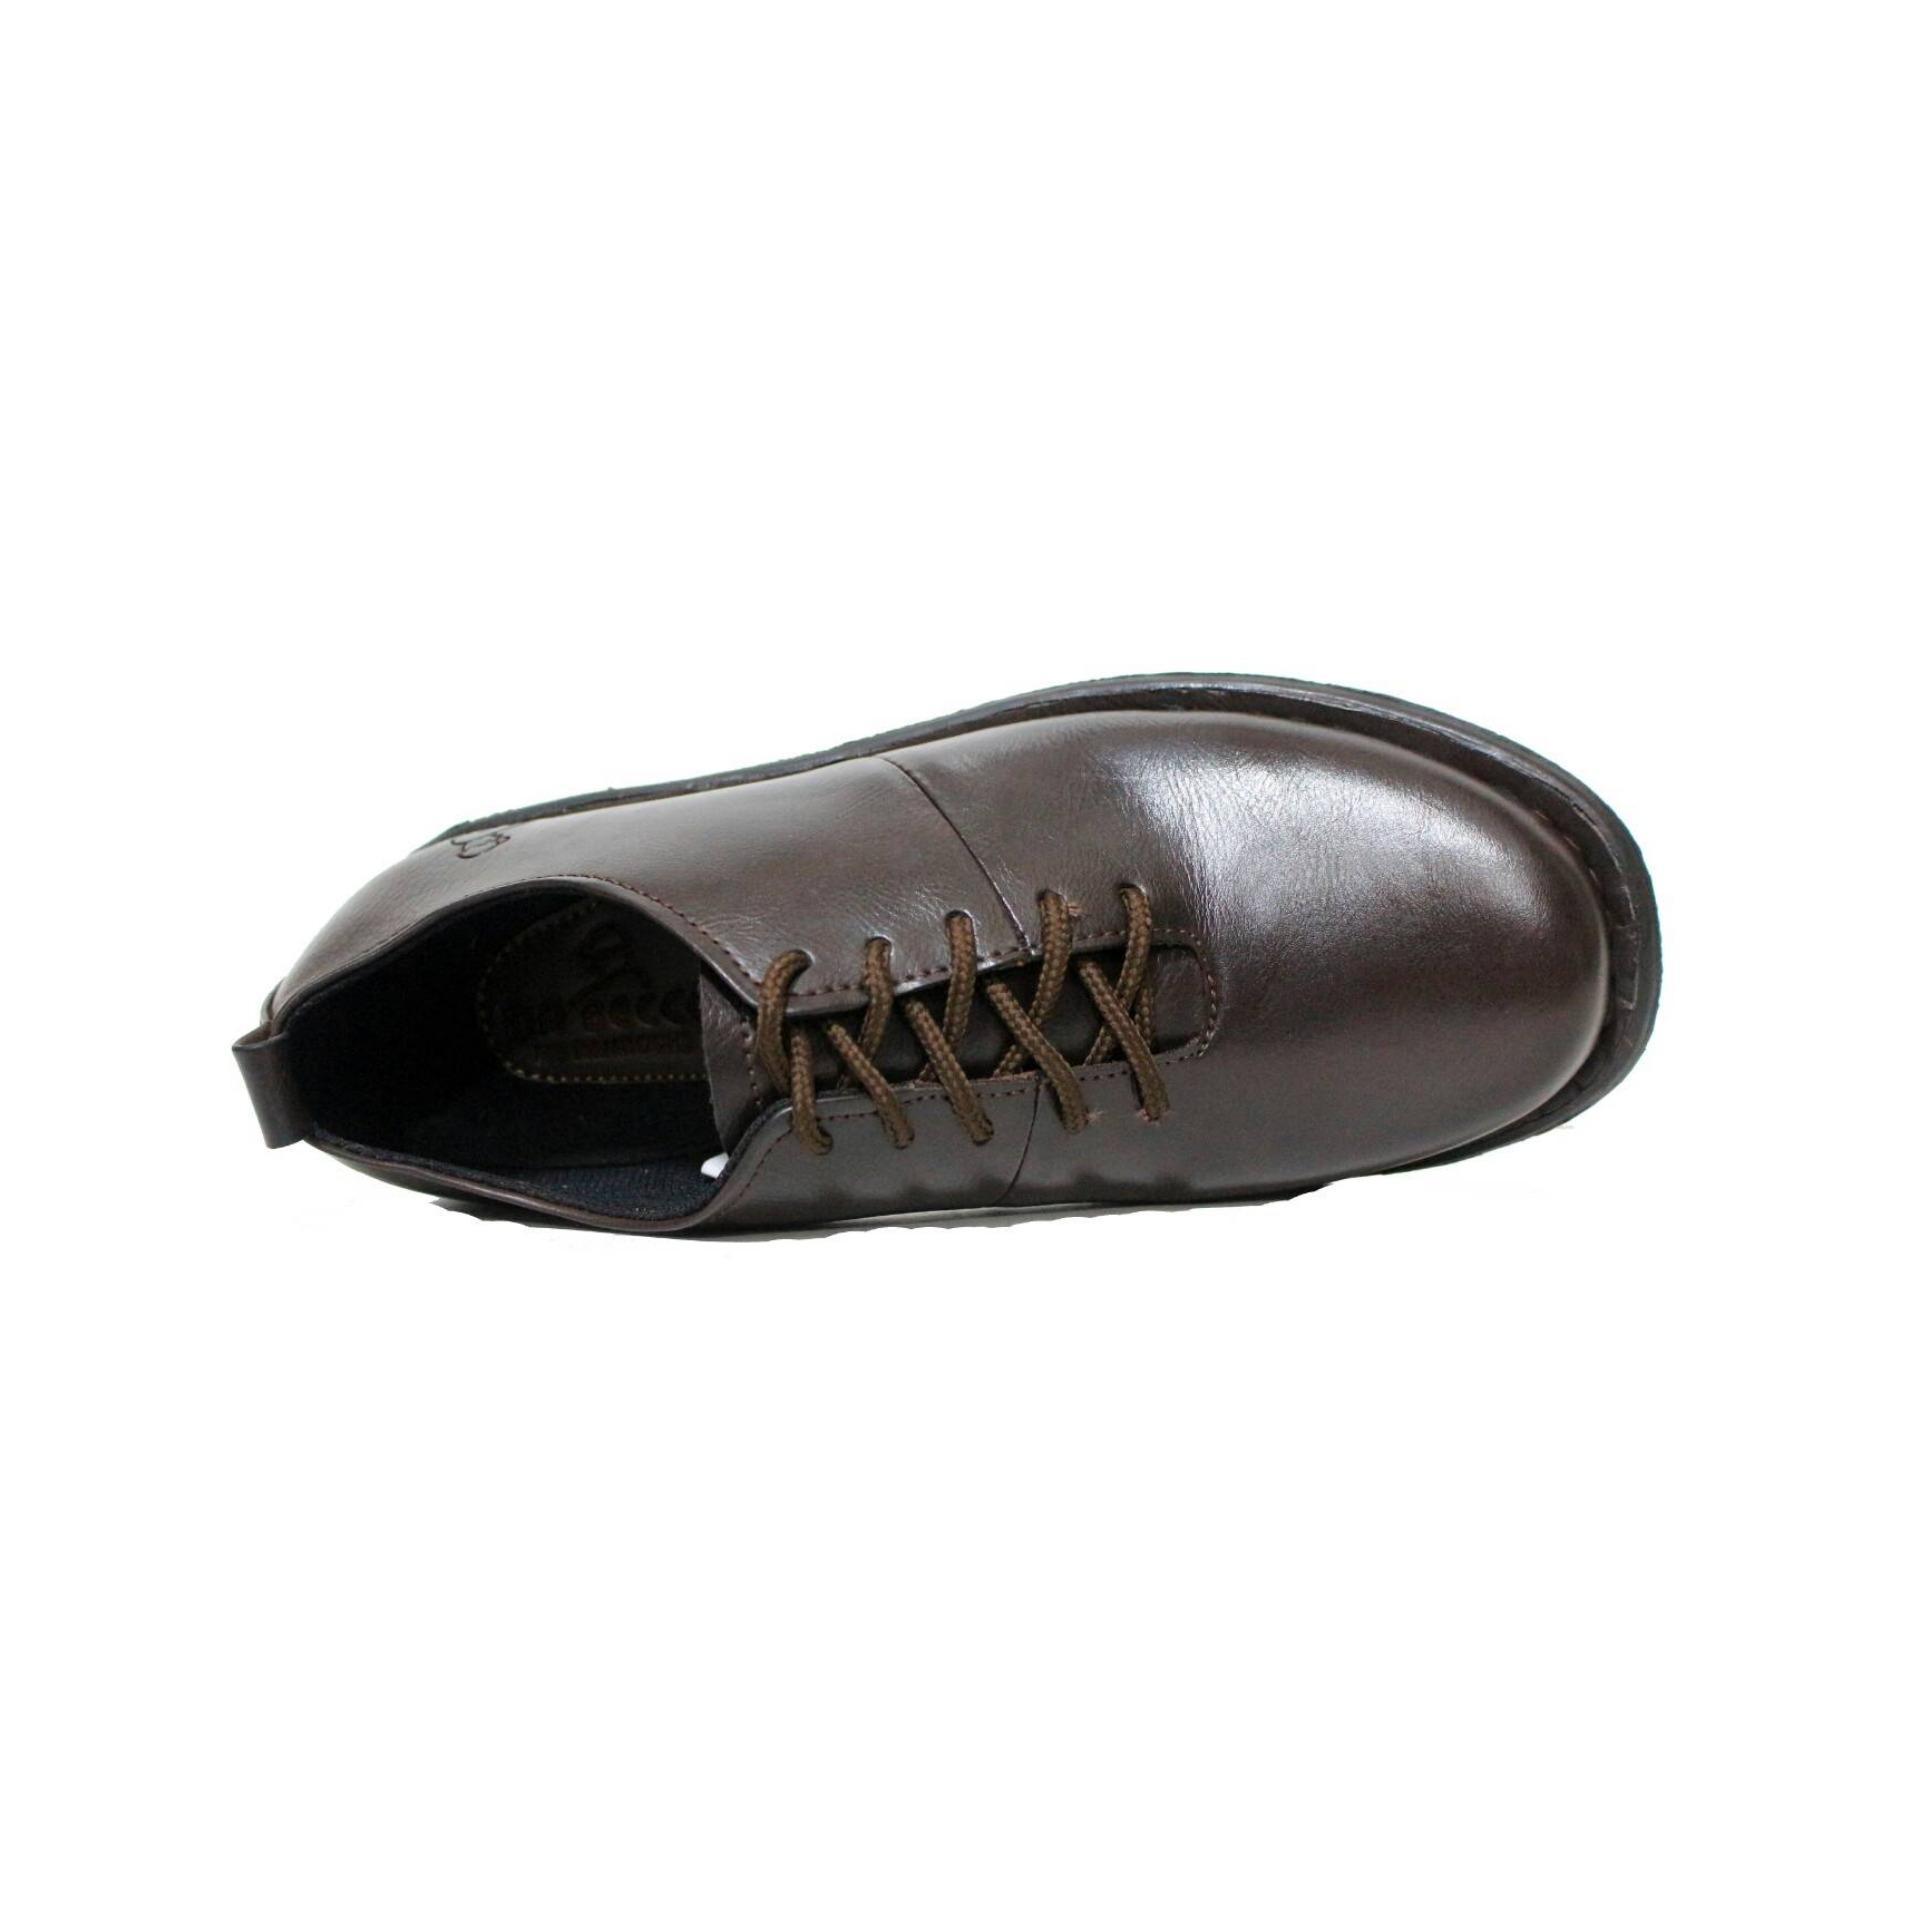 Sepatu Boots Brodo Leather Mens Original Cevany Mullins Hitam ... c15ee9f8d2